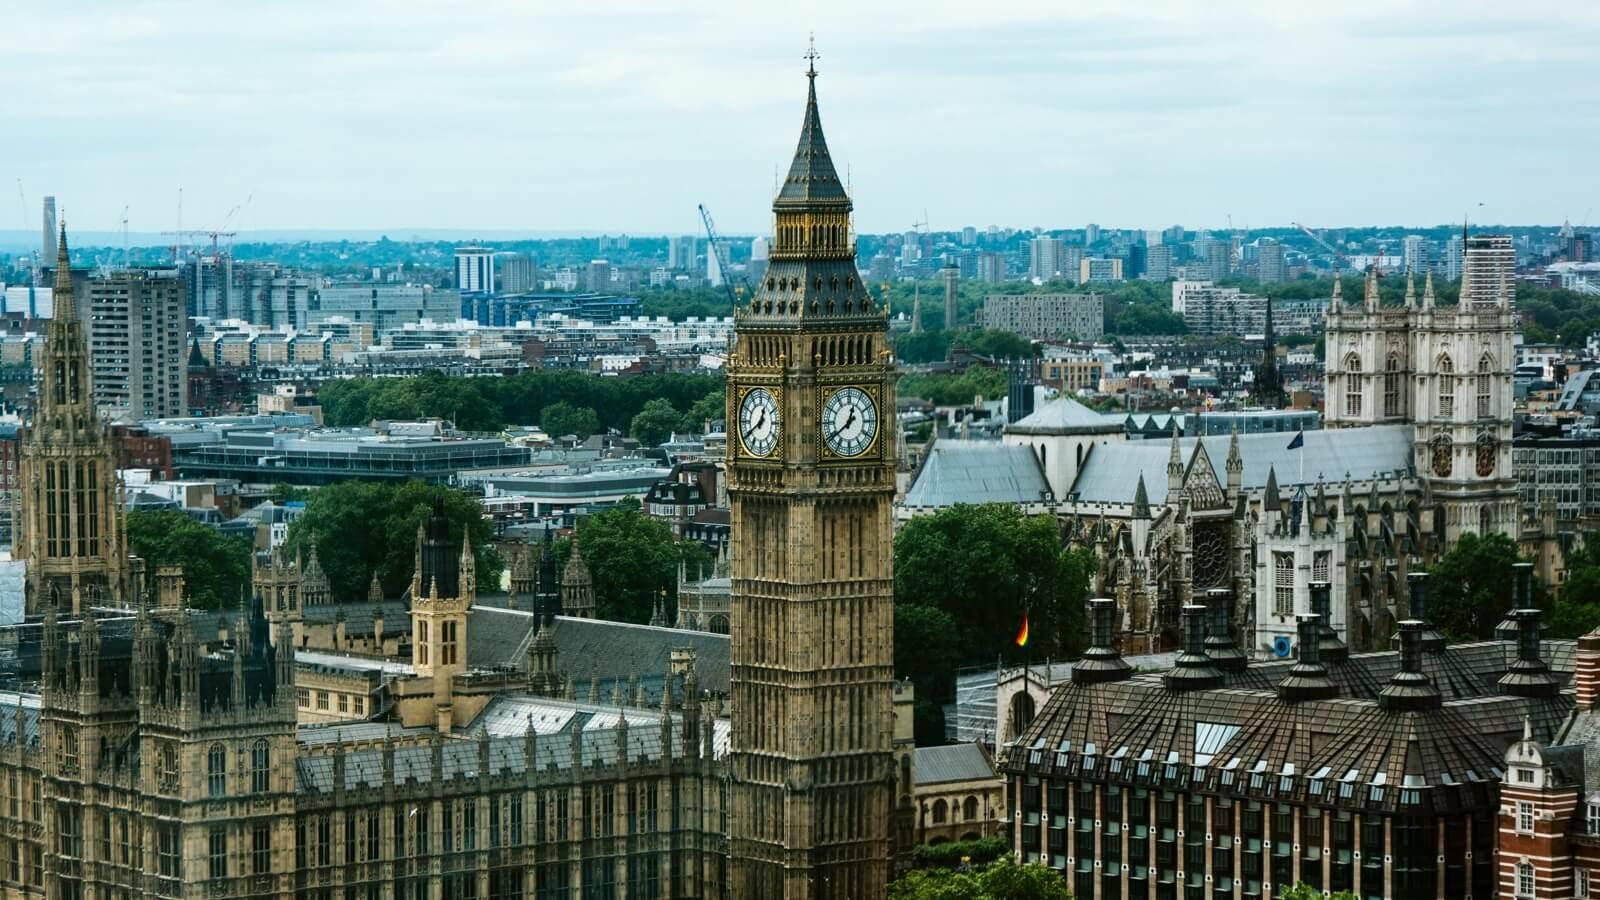 London, United Kingdom (Photo Credit: Jamie Street / Unsplash)